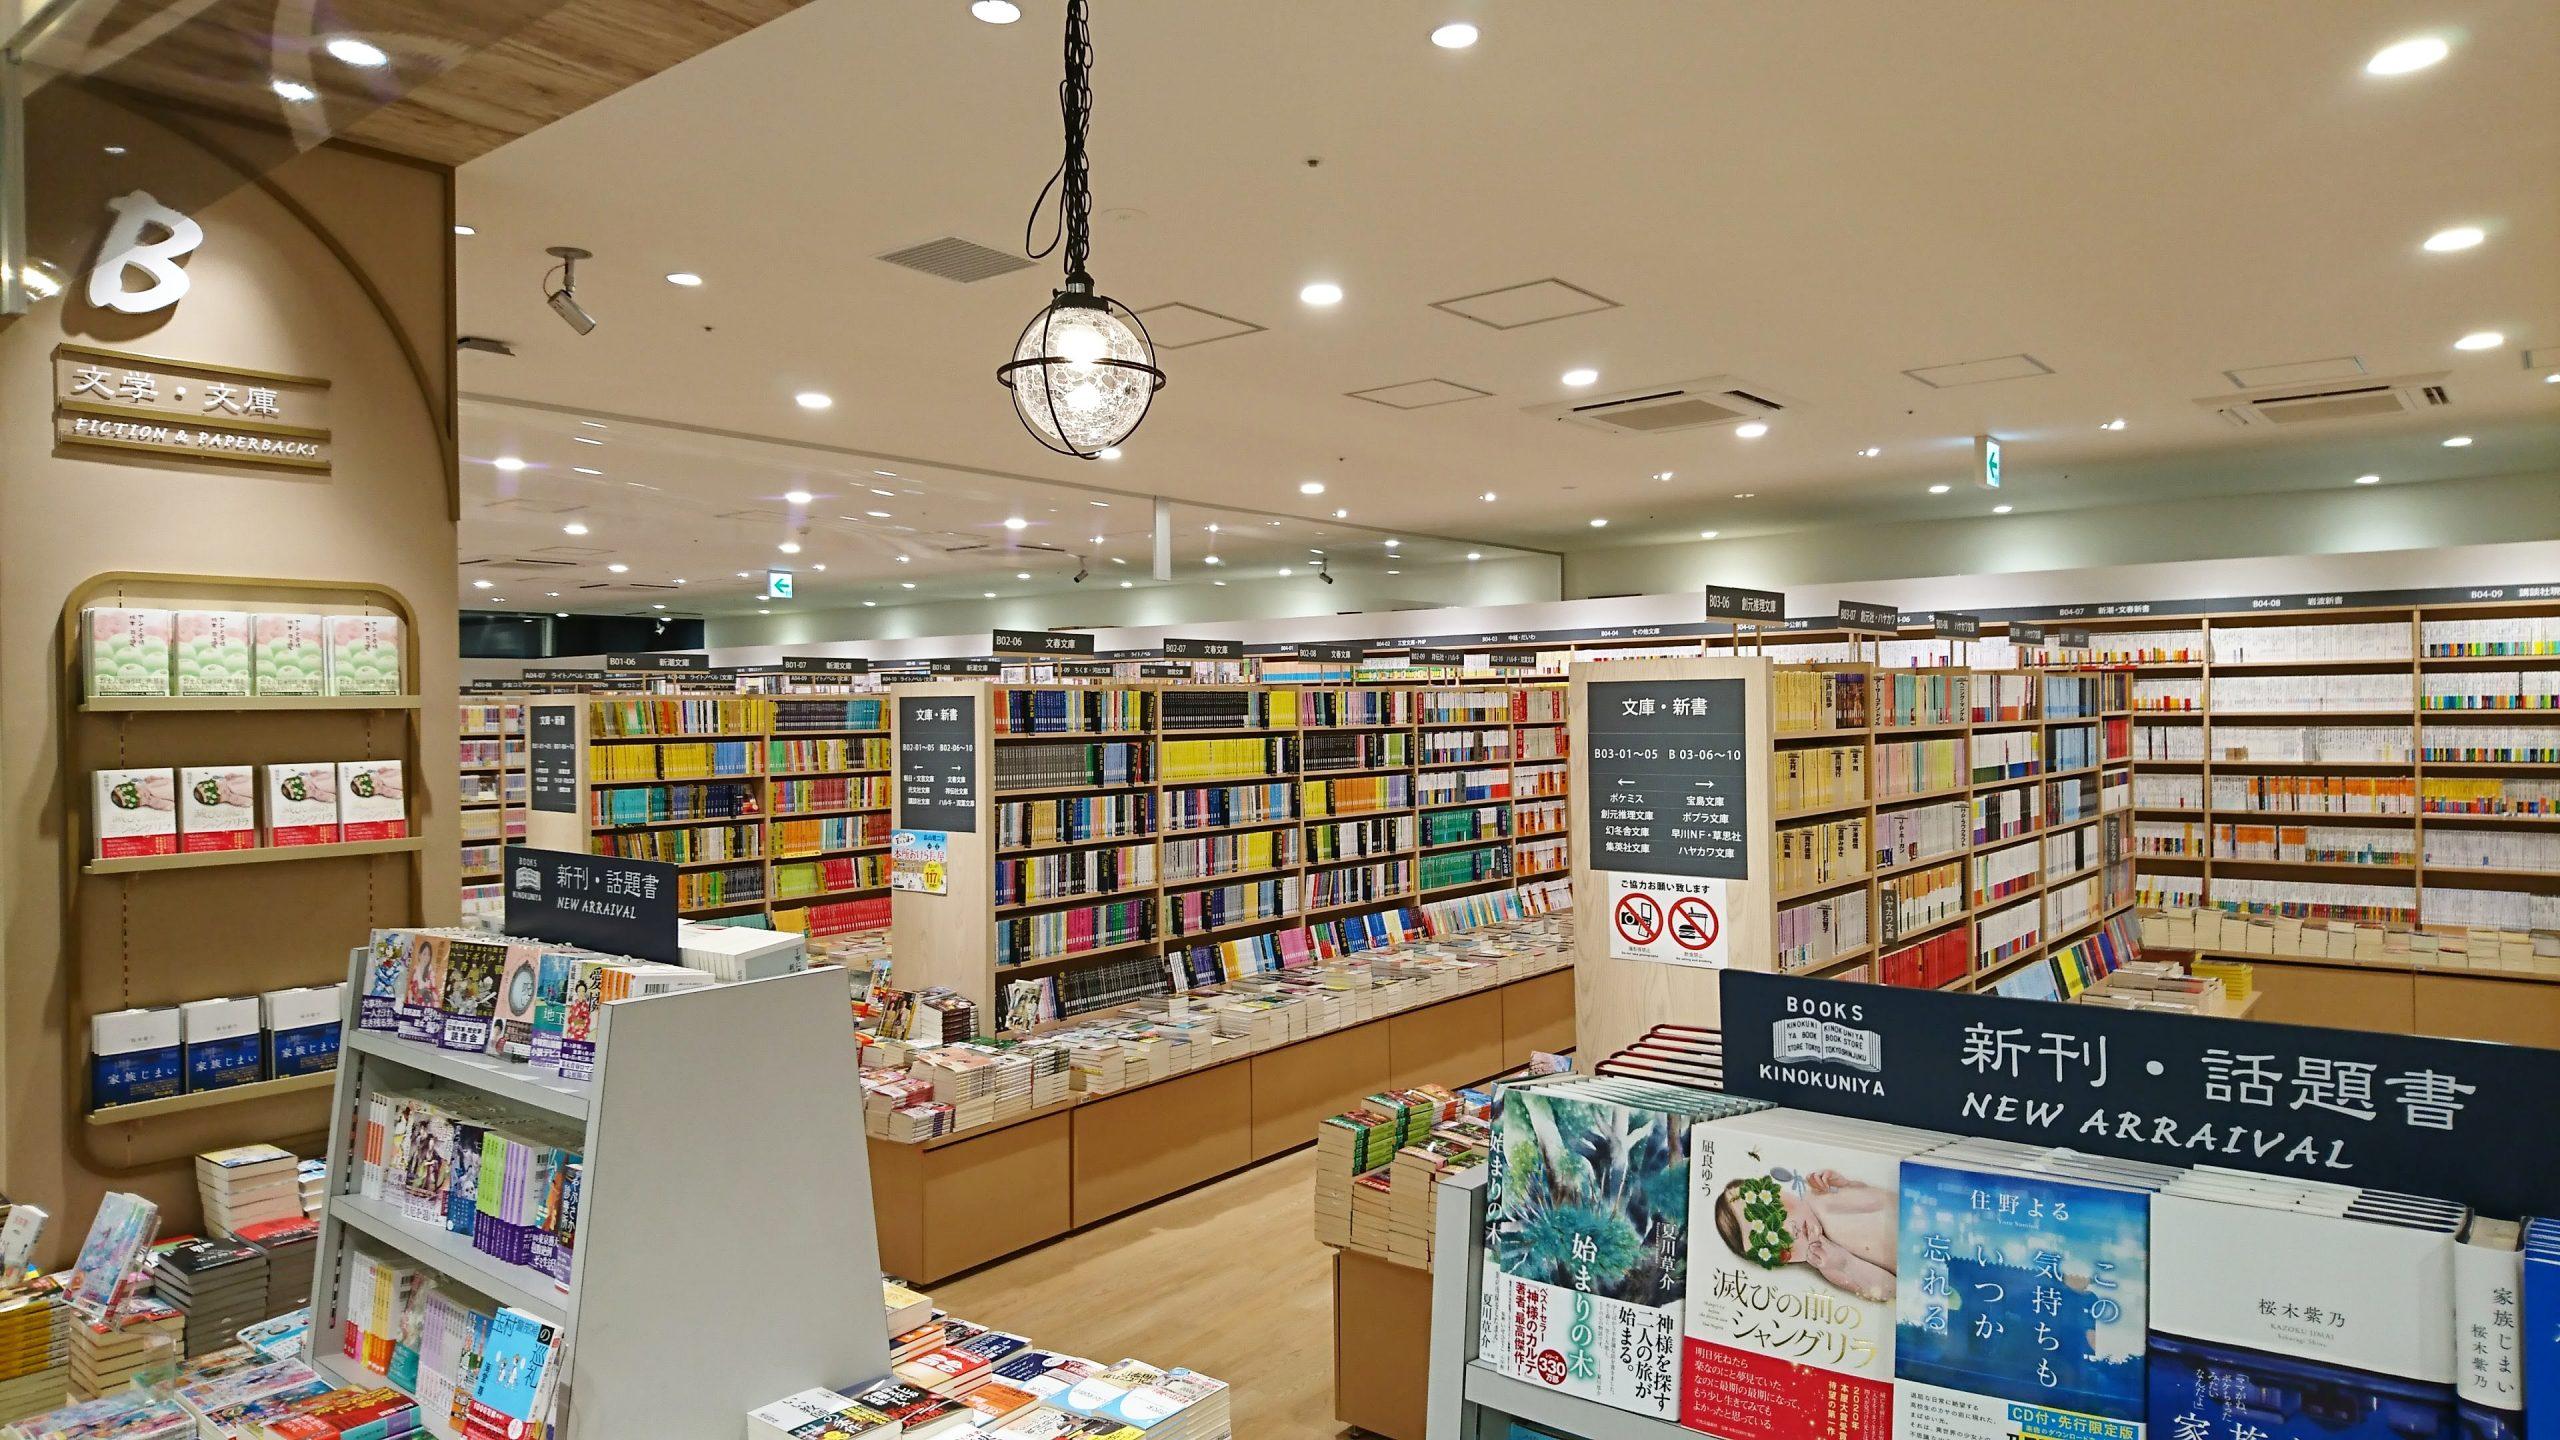 紀伊國屋書店 アミュプラザみやざき店